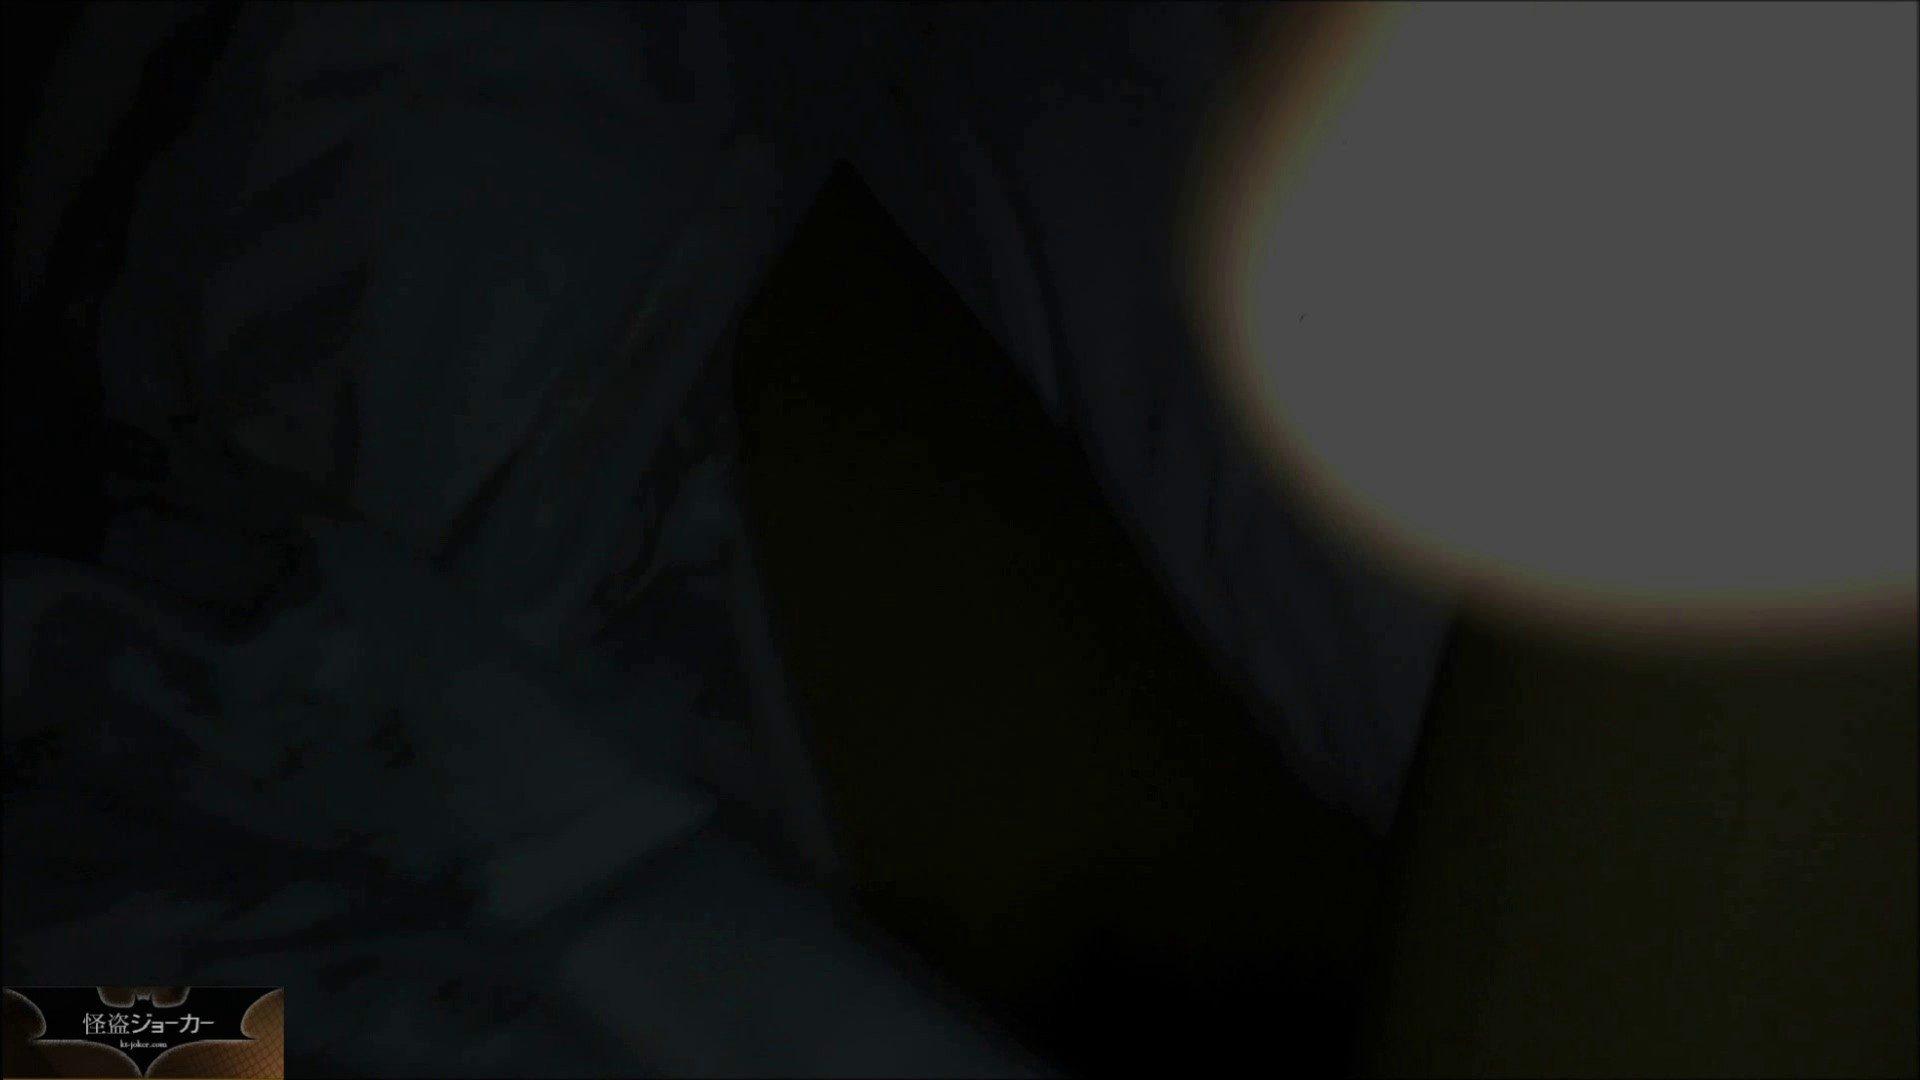 【未公開】vol.73 極嬢ルックスの持ち主・kotoneちゃん弄り倒し! 高画質 ヌード画像 77枚 74